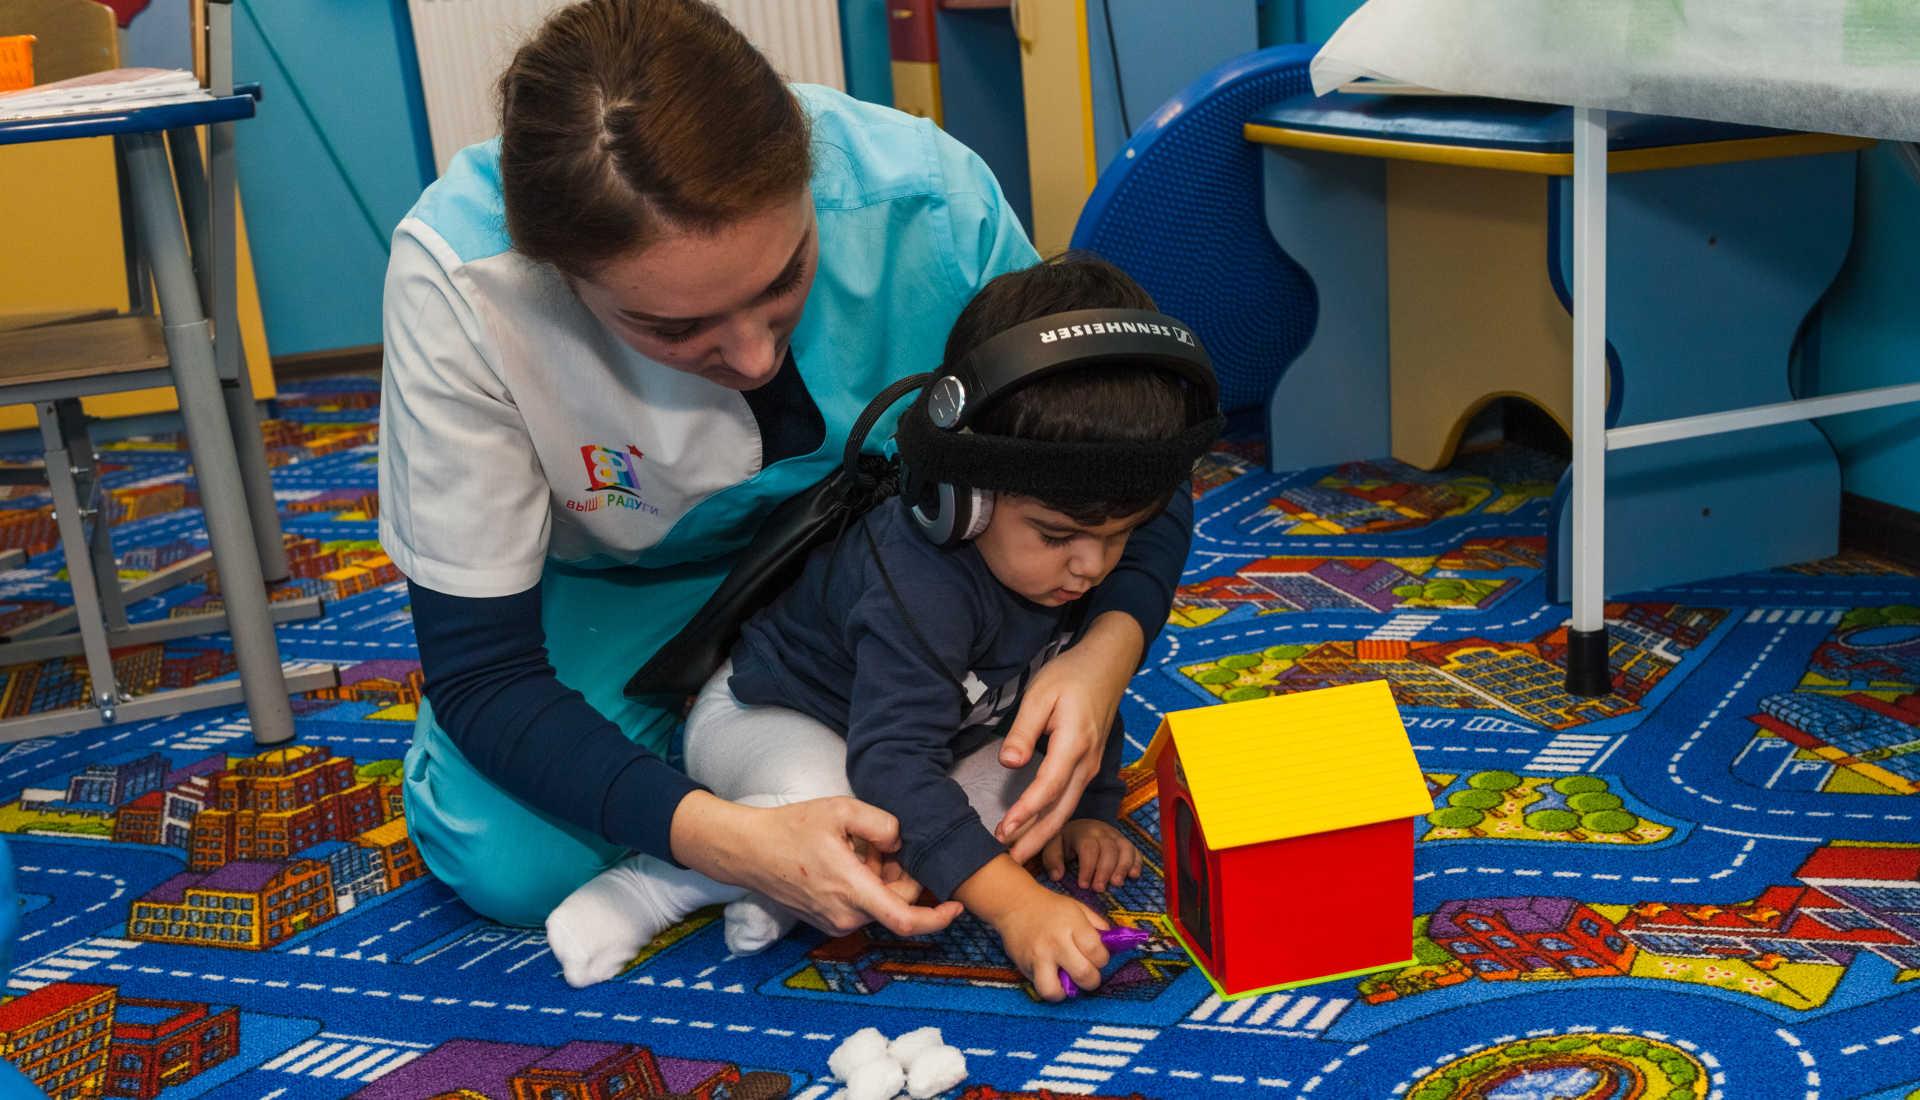 Neuroacoustic stimulation techniques